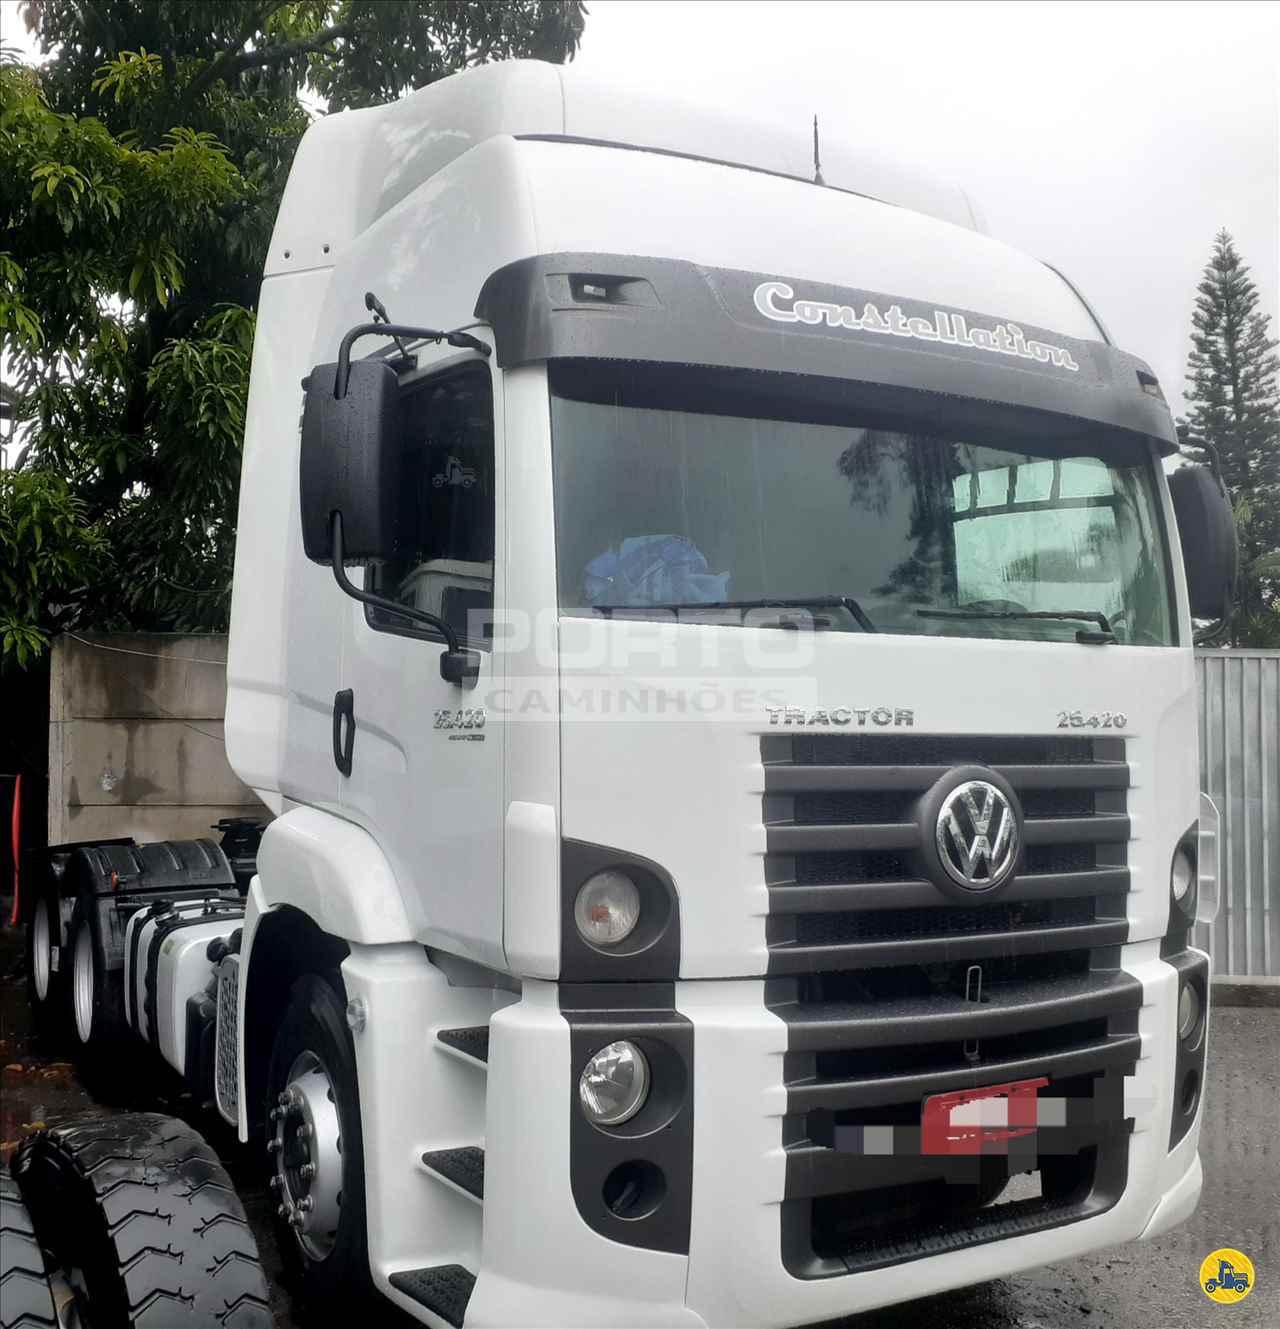 CAMINHAO VOLKSWAGEN VW 25420 Cavalo Mecânico Truck 6x2 Porto Caminhões GUARULHOS SÃO PAULO SP